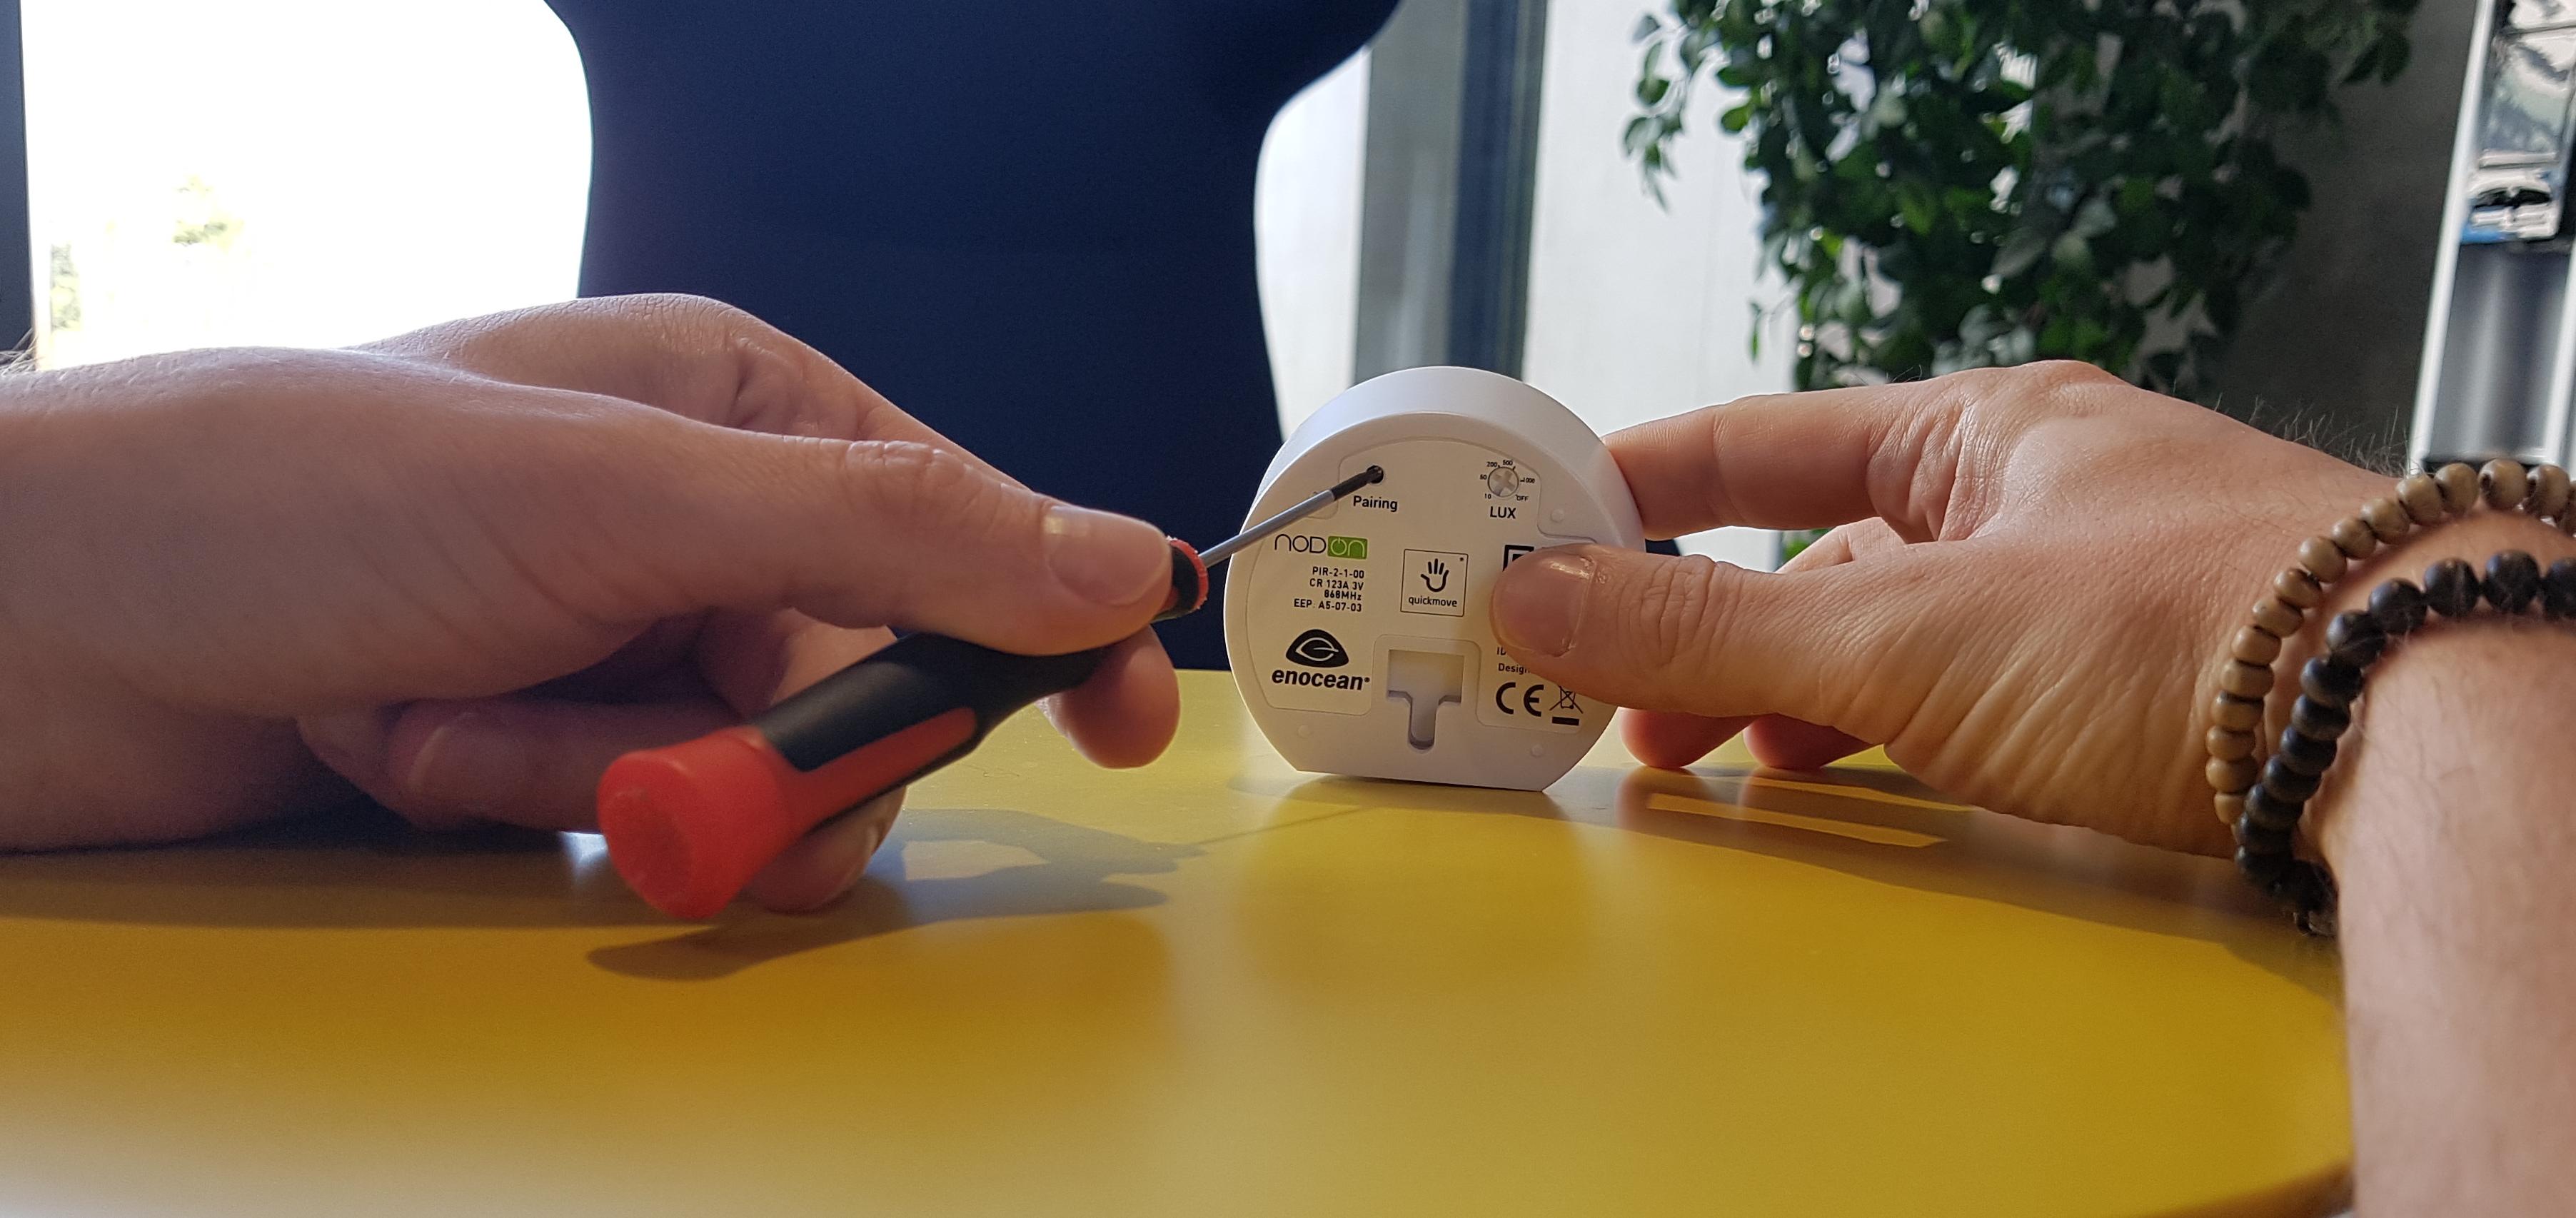 Association du détecteur de mouvement Nodon pour une gestion d'éclairage automatique